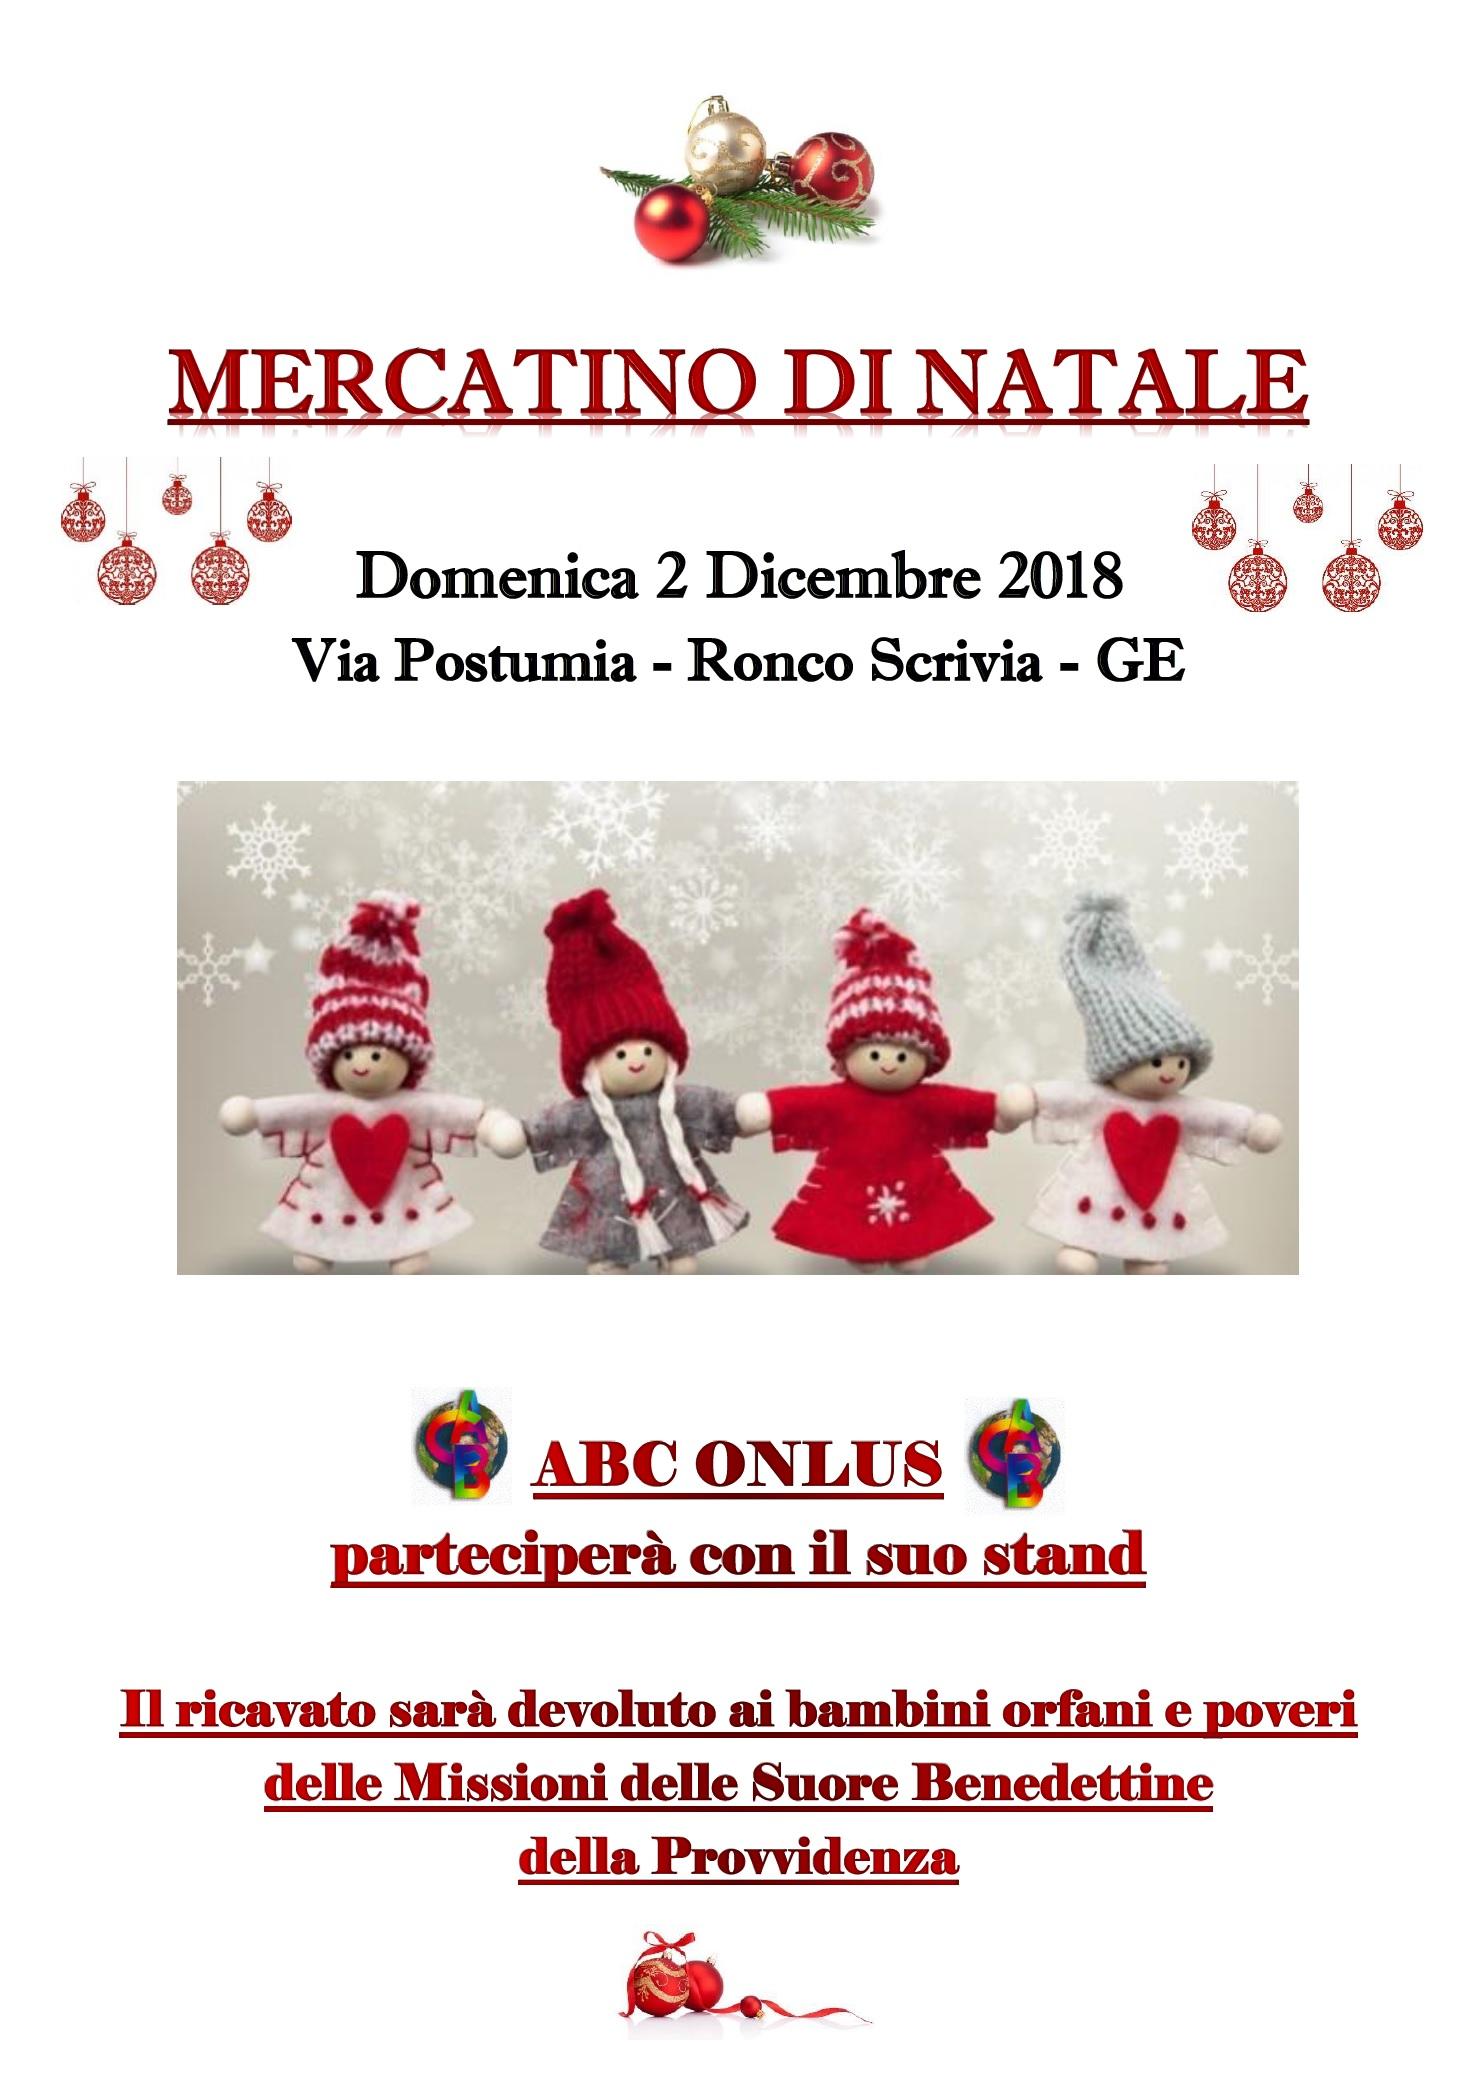 Immagine Mercatino 2018